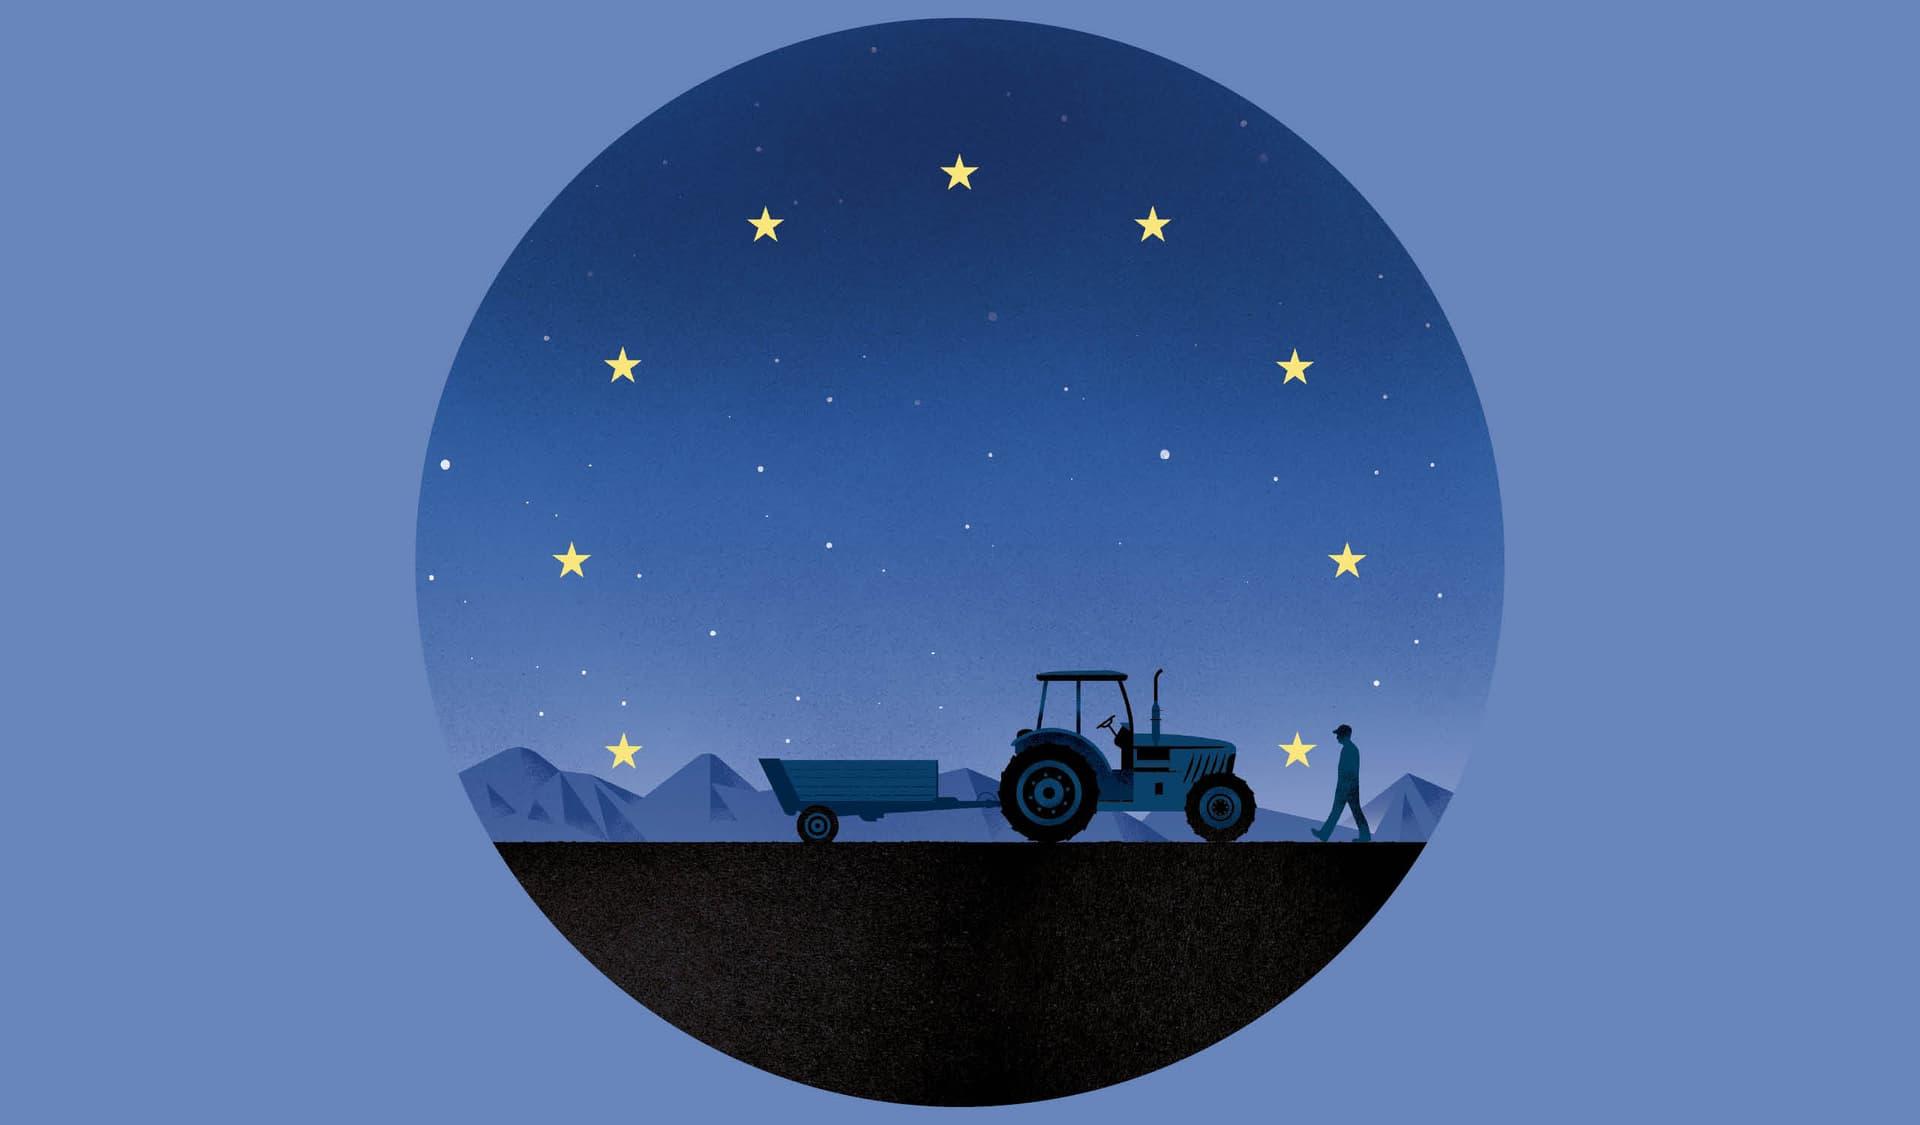 Traktor fährt vor Sternenzelt, das an die EU-Flagge erinnert.